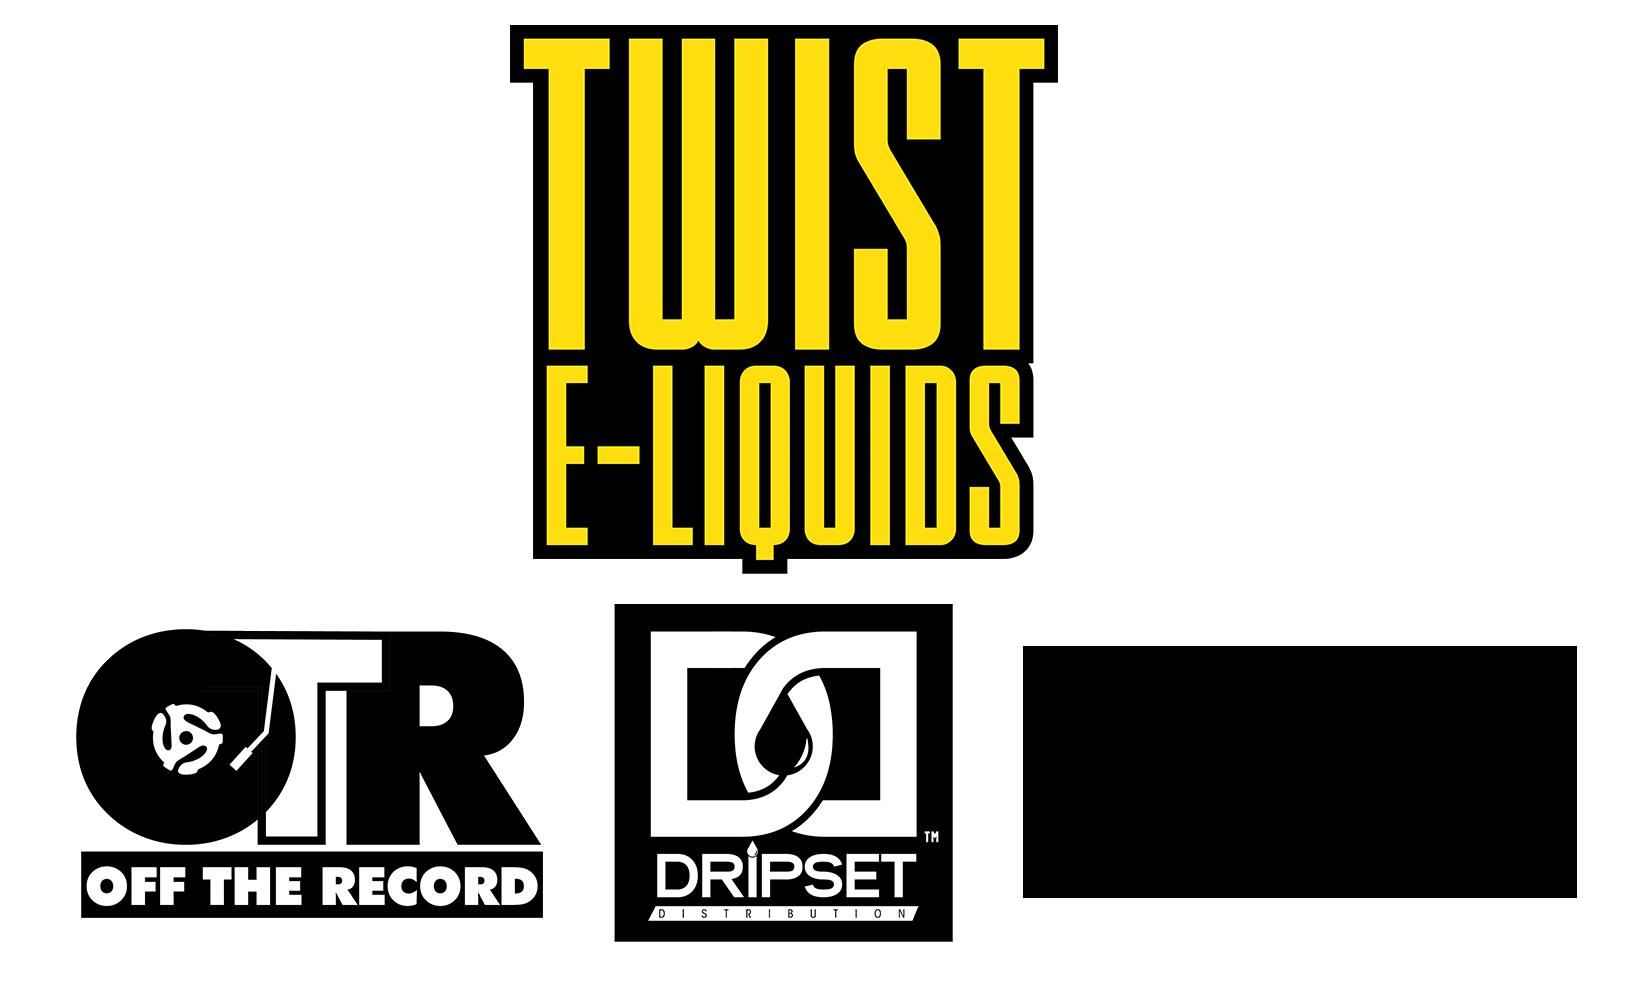 Twist-eLiquids_Dripset_OffTheRecord_HempZone-Medellin-logos.png